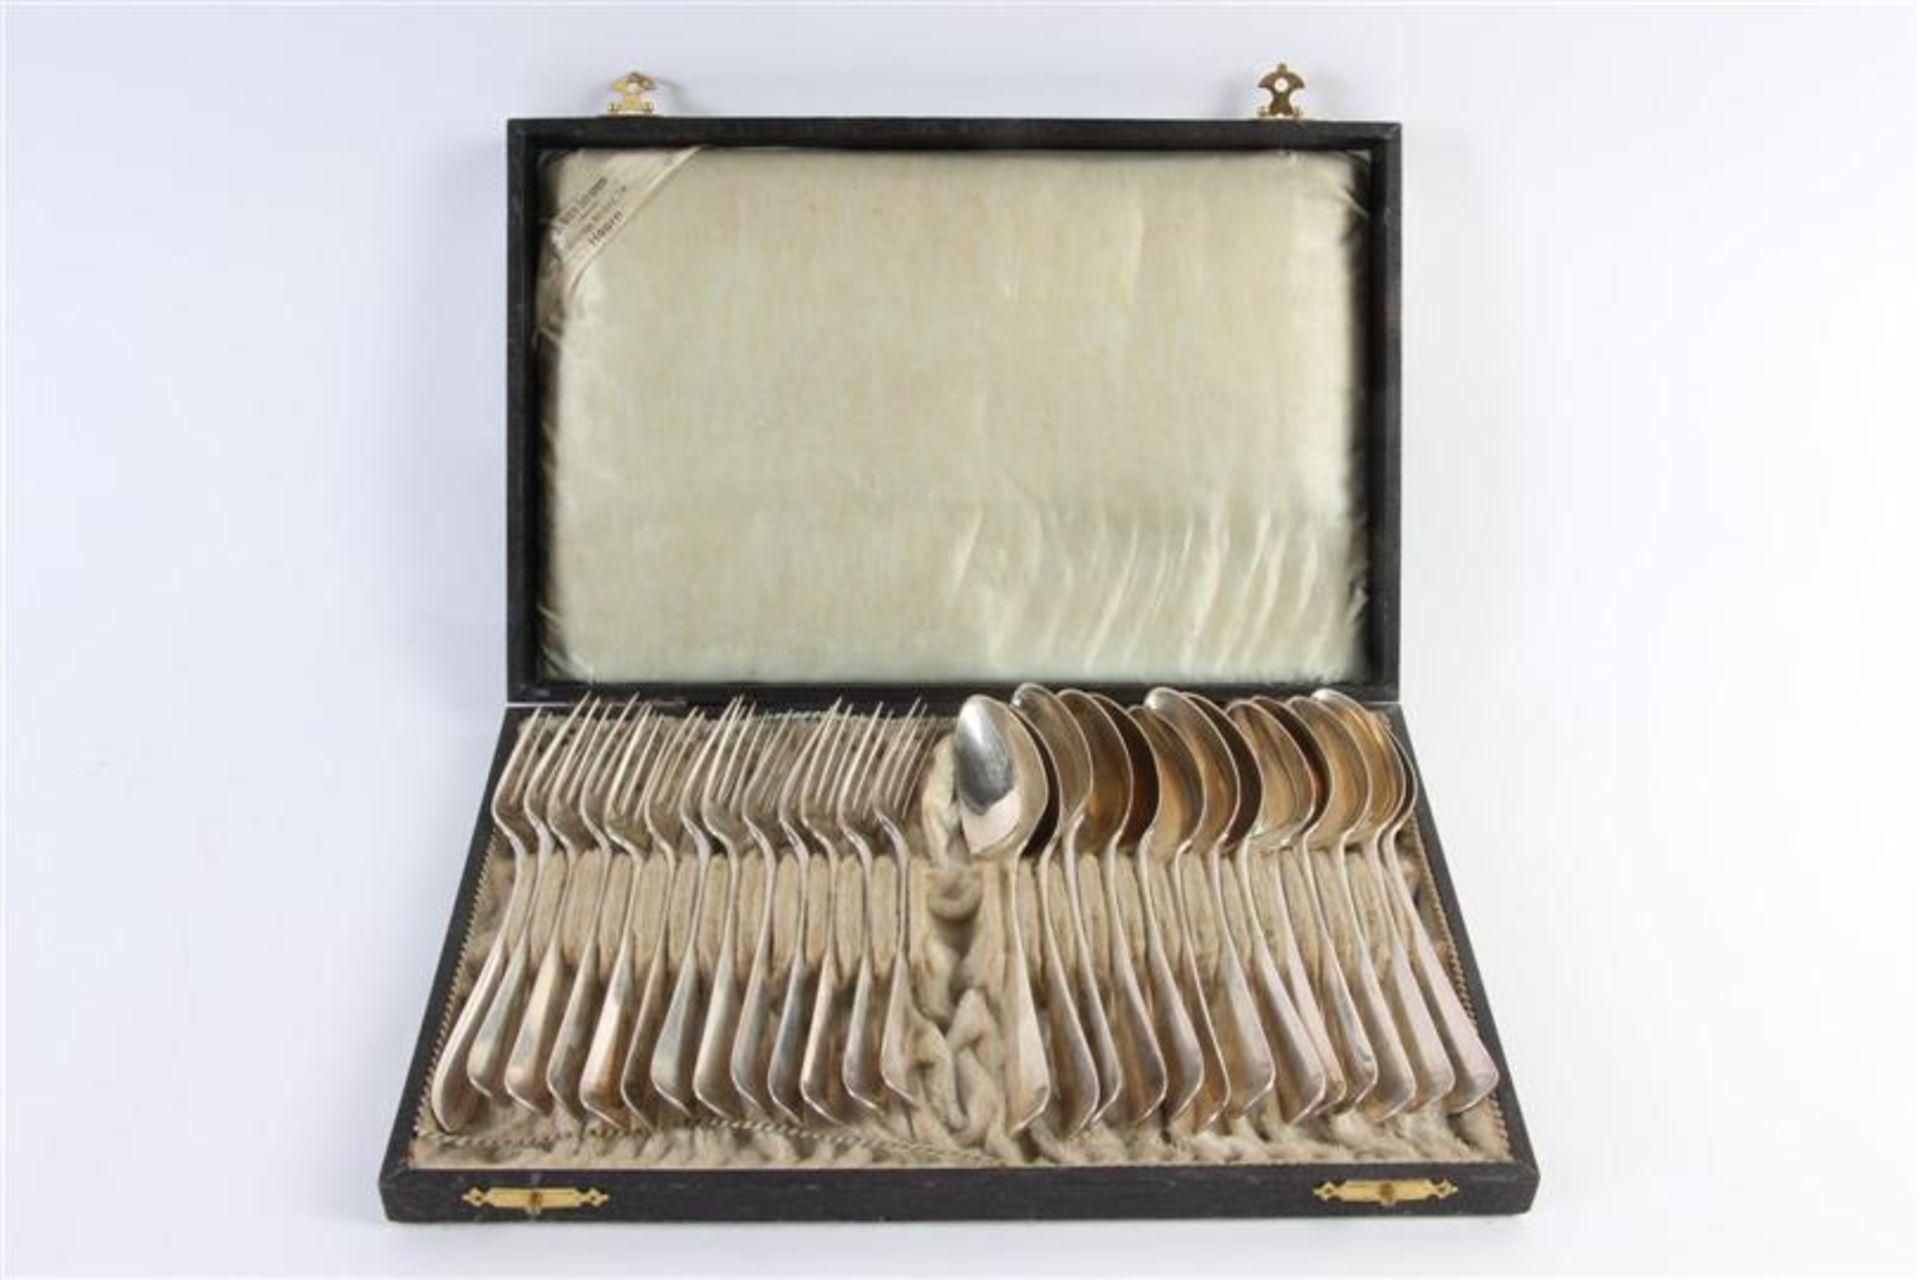 Los 33 - Cassette met hierin 13 zilveren vorken en lepels. Gewicht: 1418 g.